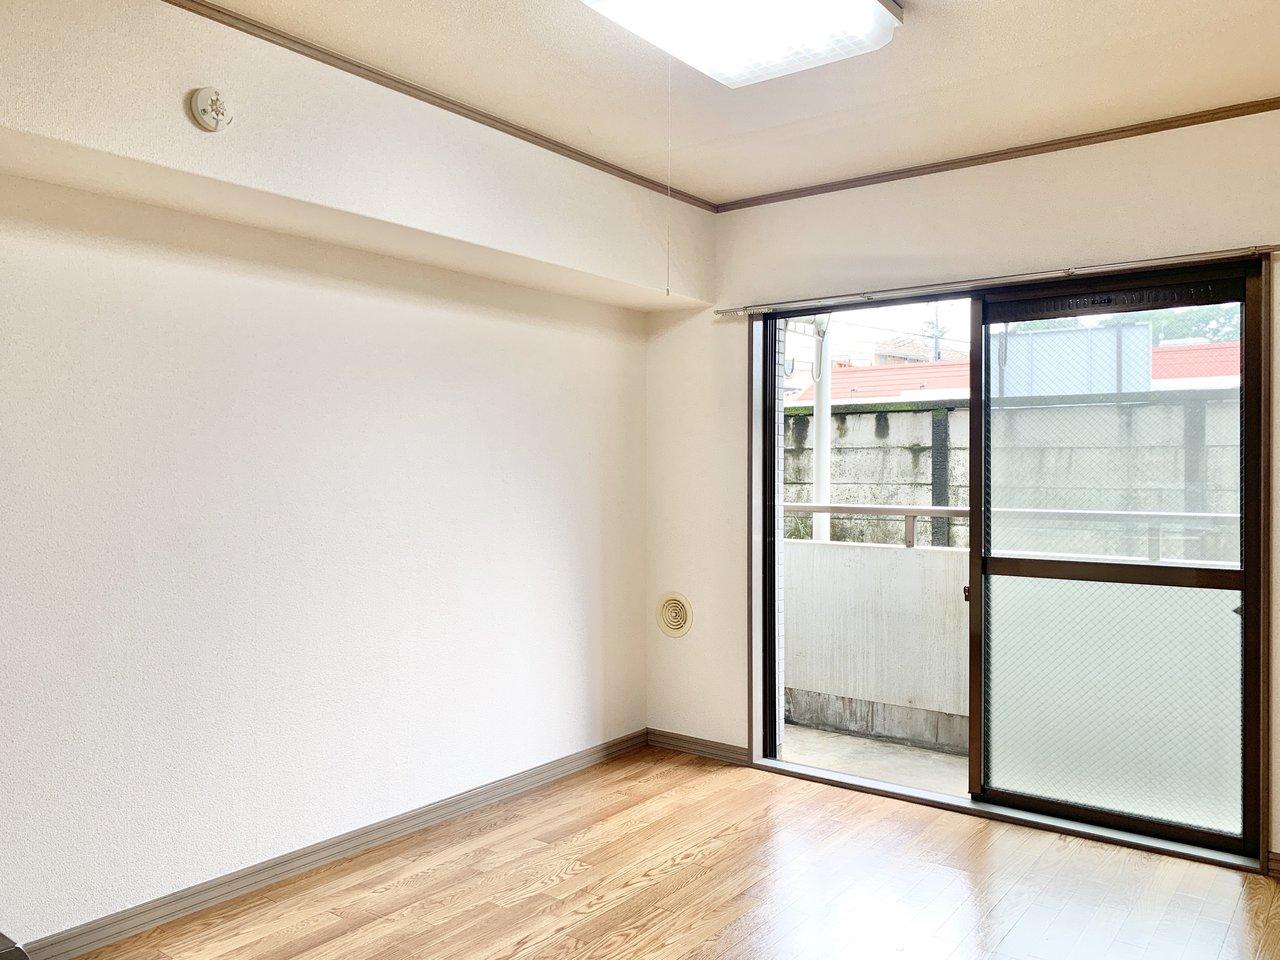 武蔵境駅は新宿から中央線で約20分。お部屋は7.6畳のダイニングと、6畳の和室、8畳の洋室がついた2DKタイプです。ダイニングは大きな窓があって風通しが良く、気持ちがいいですよ。